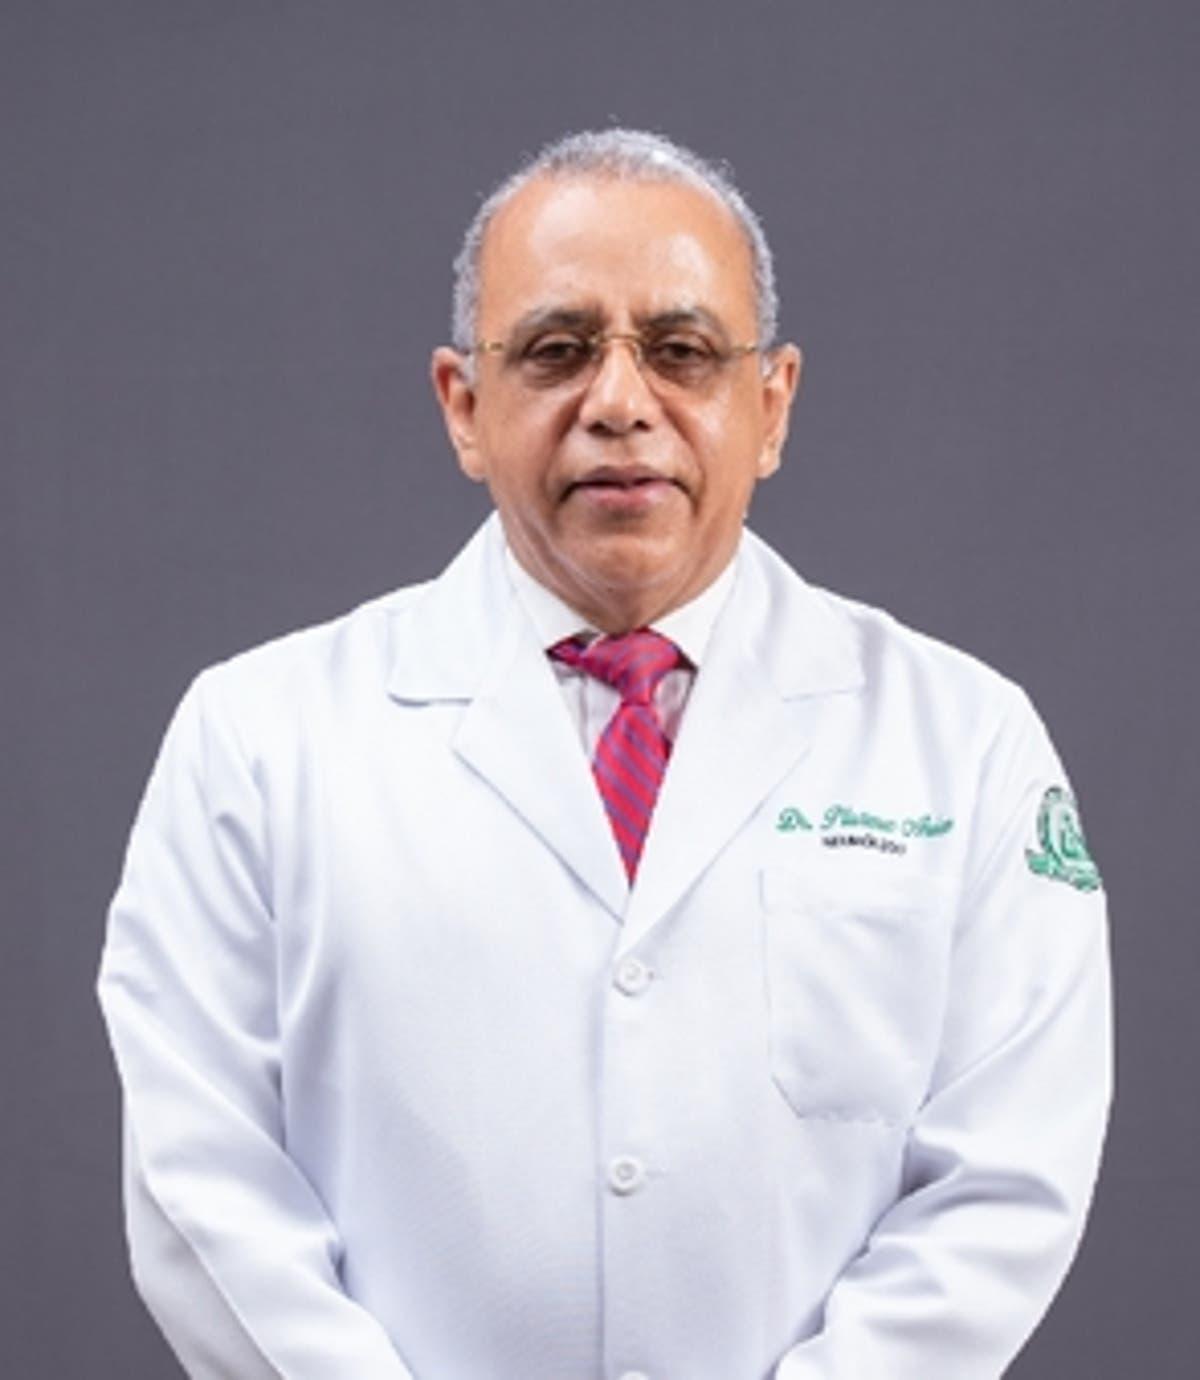 El ministro Plutarco Arias se encuentra en buen estado de salud